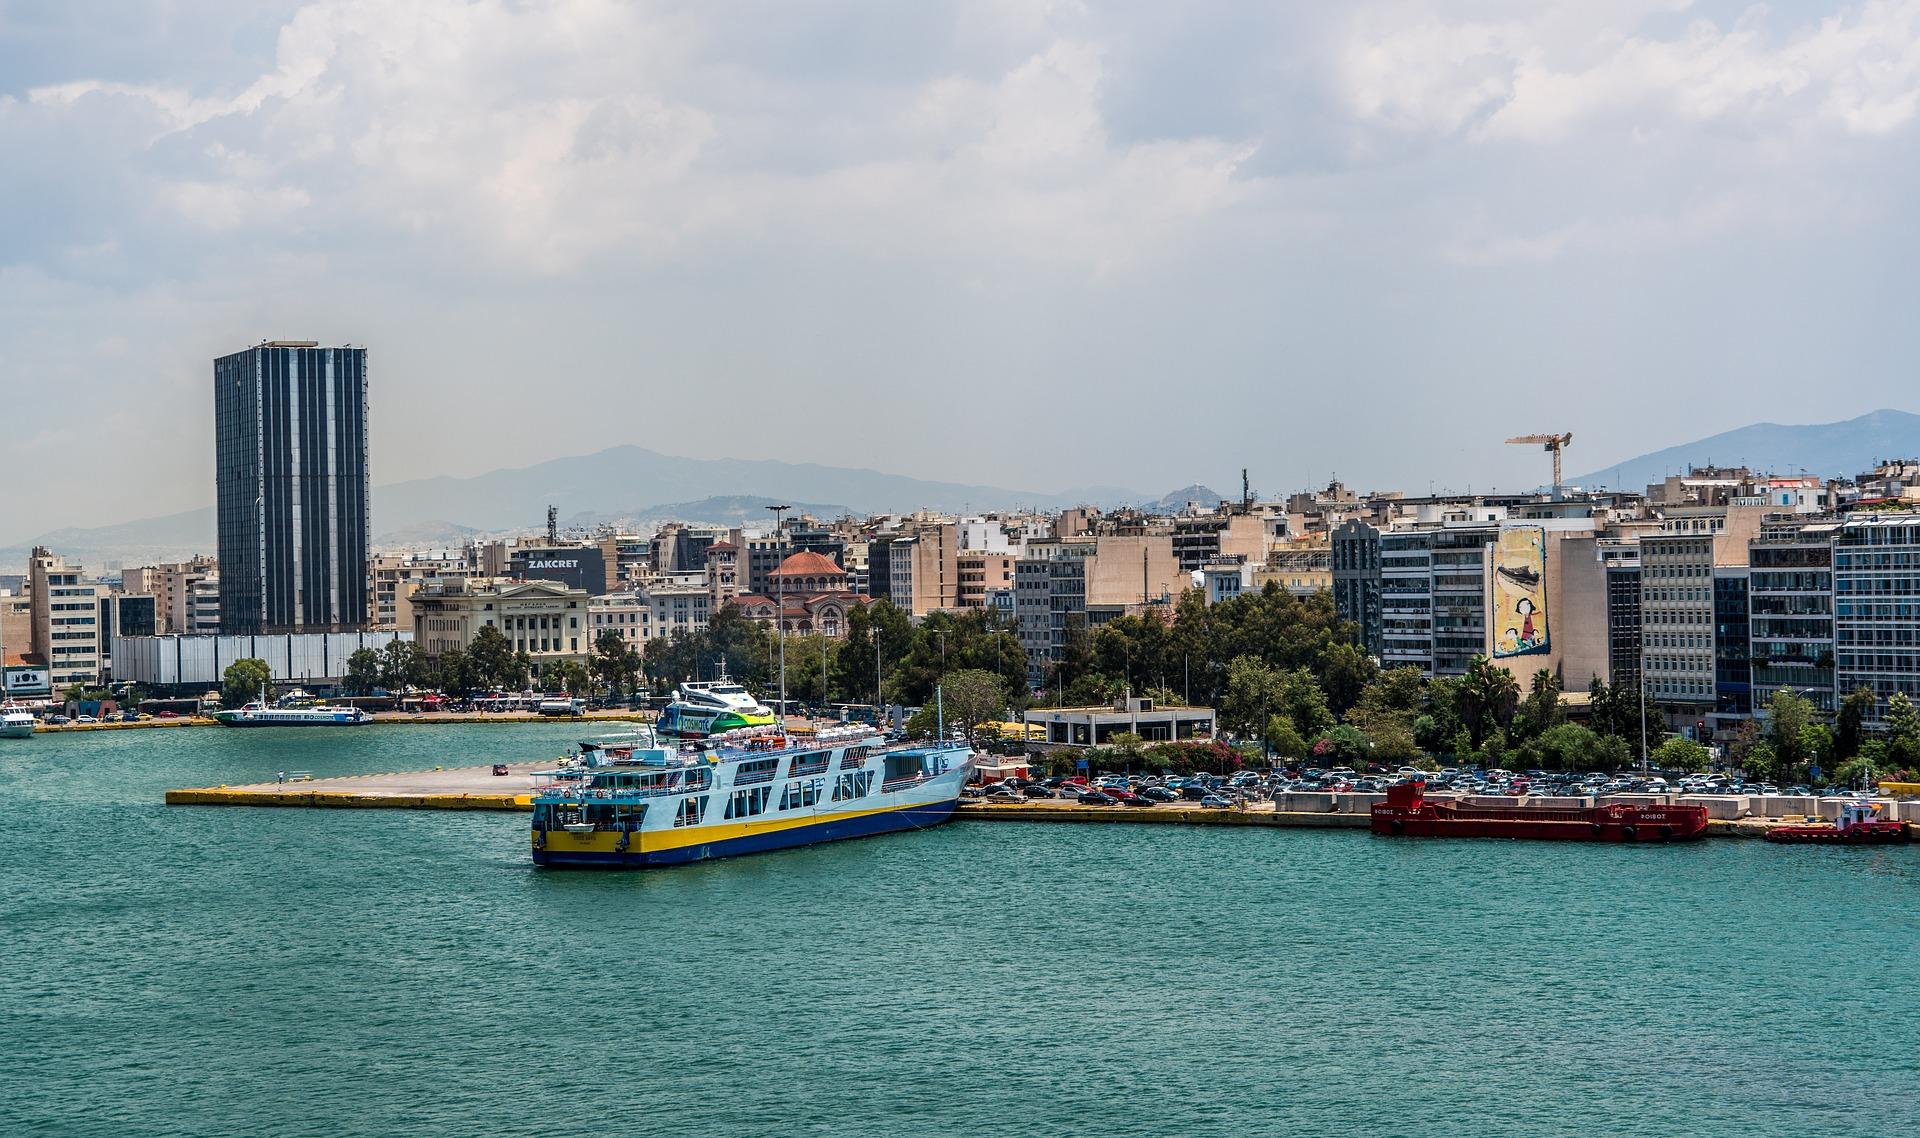 Hafen der Stadt -